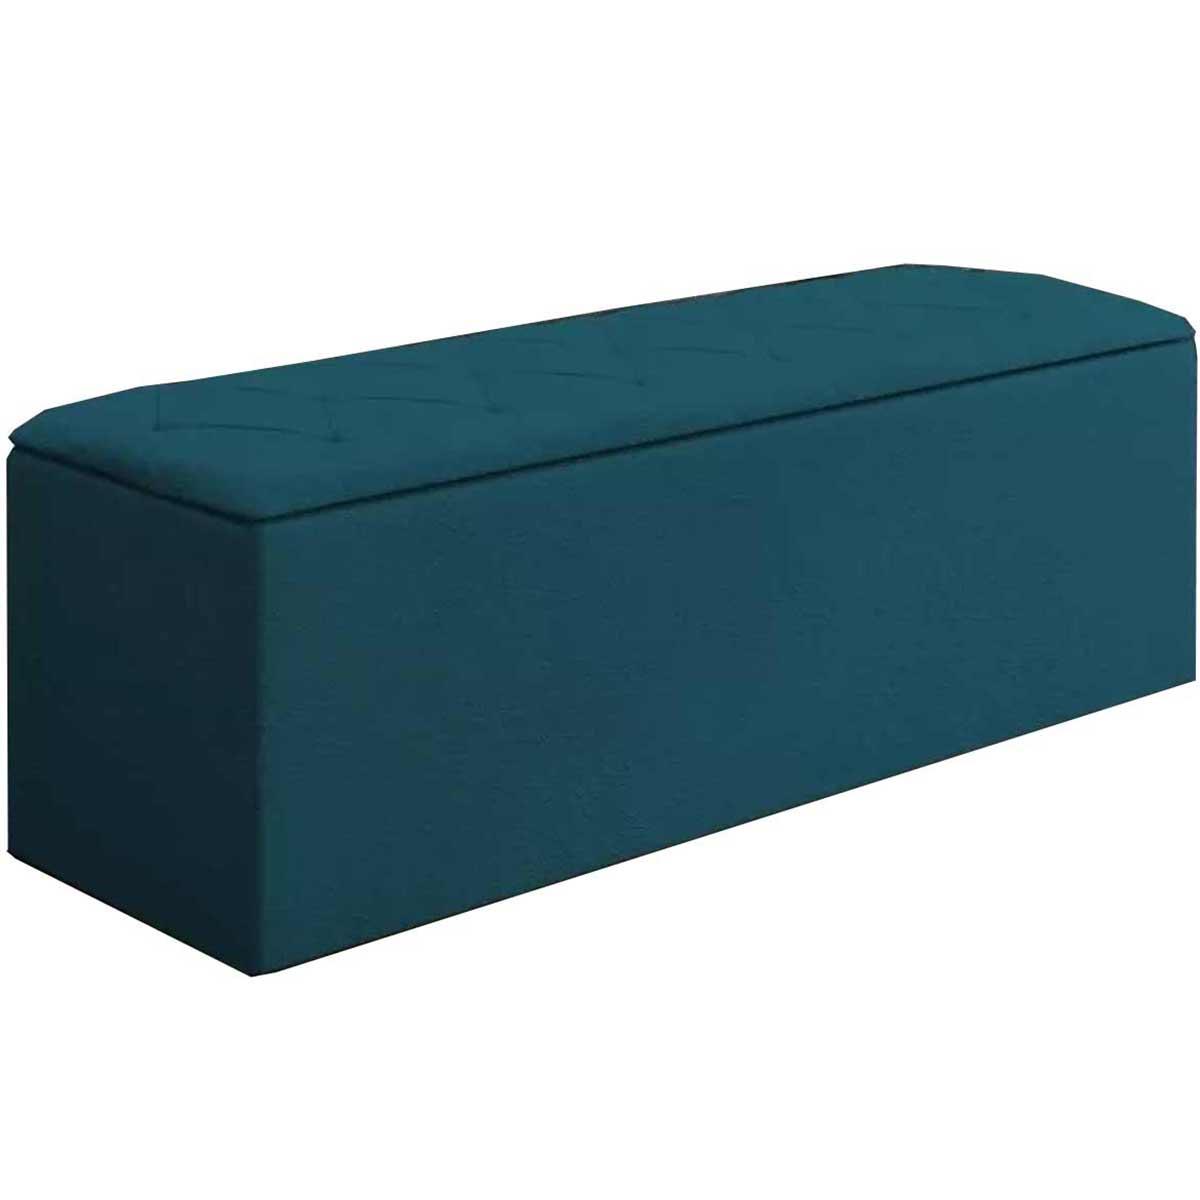 Calçadeira com Baú Paris 140 cm Azul Velur JS Móveis